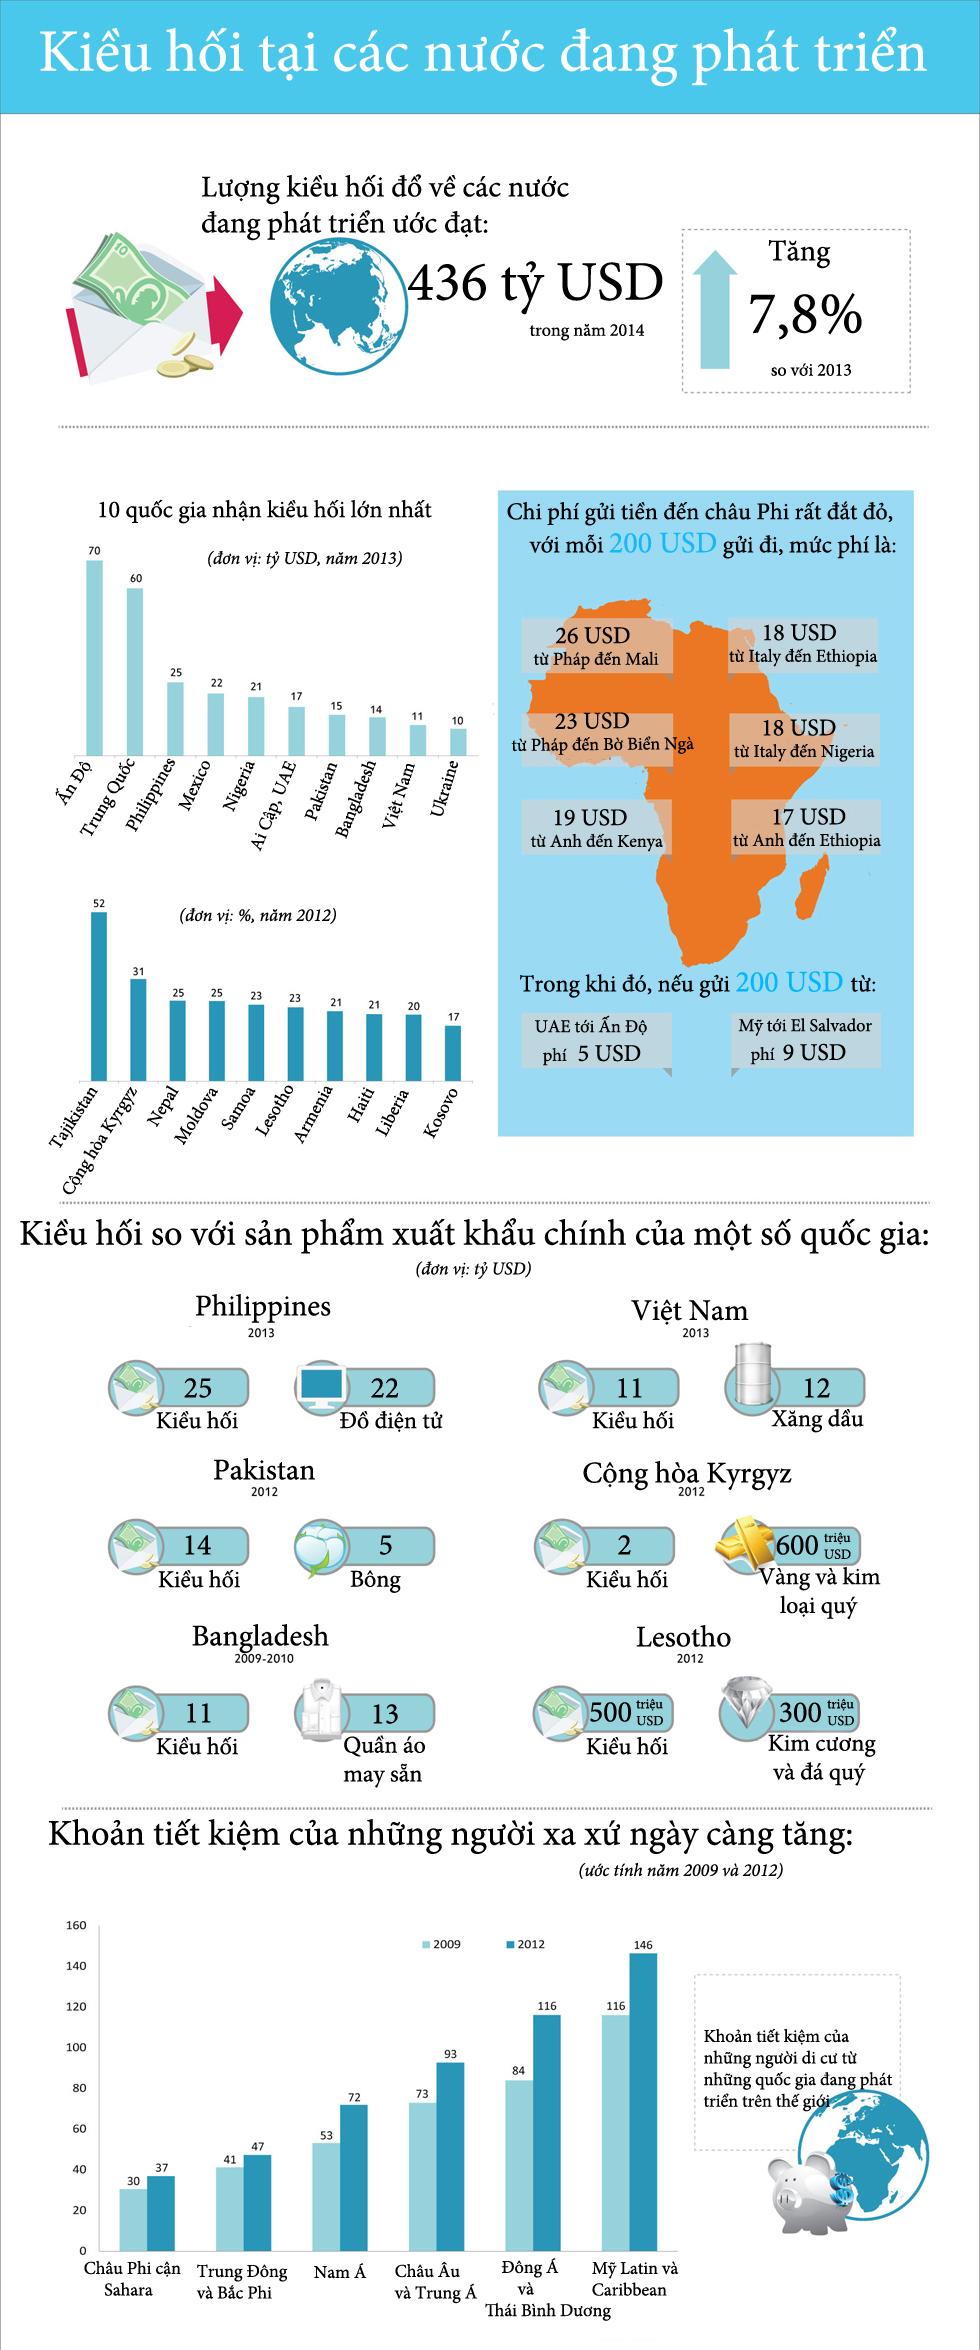 Việt Nam lọt Top quốc gia nhận kiều hối nhiều nhất thế giới